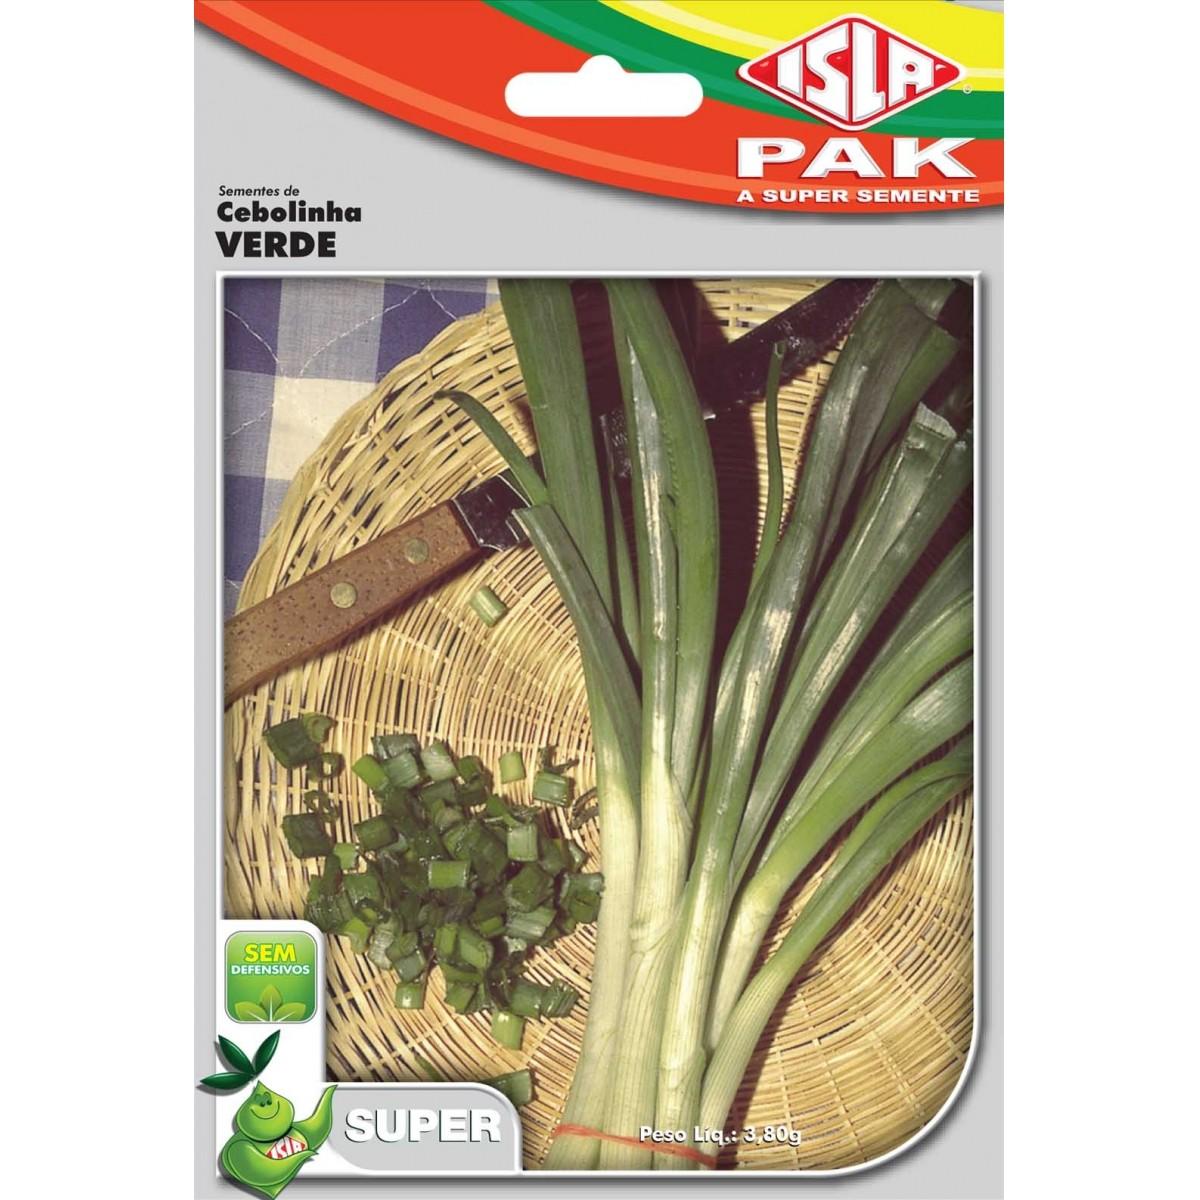 Sementes de Cebolinha Verde - Isla Superpak